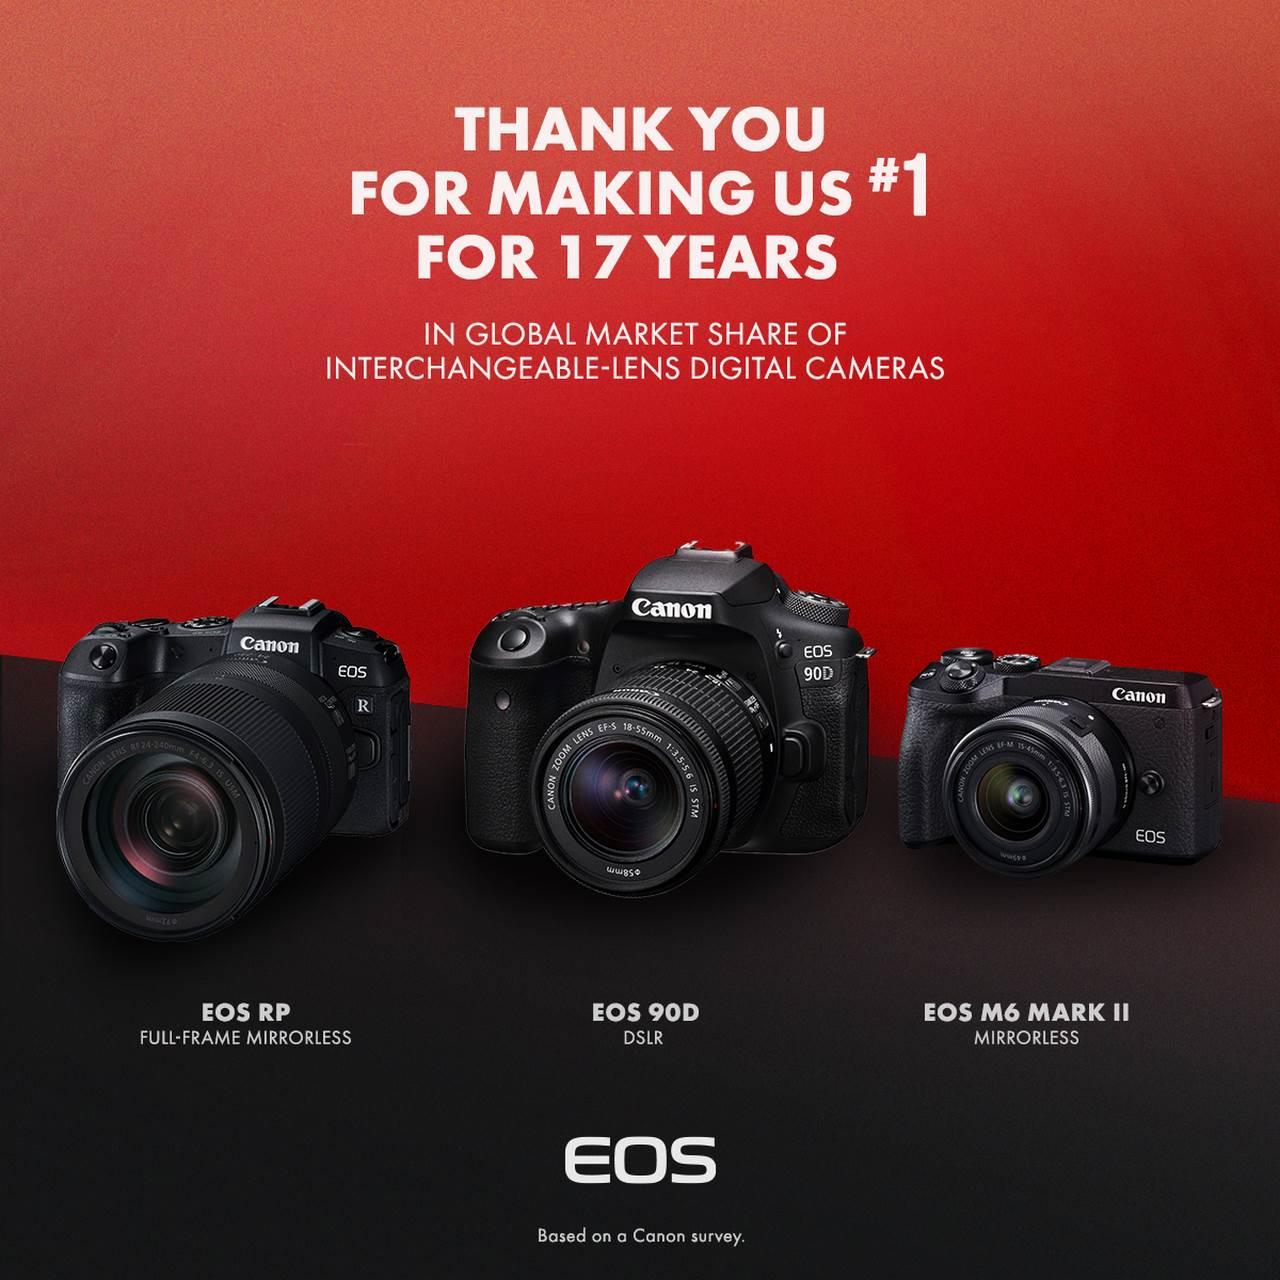 Canon tuyên bố 17 năm liên tiếp dẫn đầu thị phần máy ảnh kĩ thuật số dùng ống kính rời trên toàn cầu